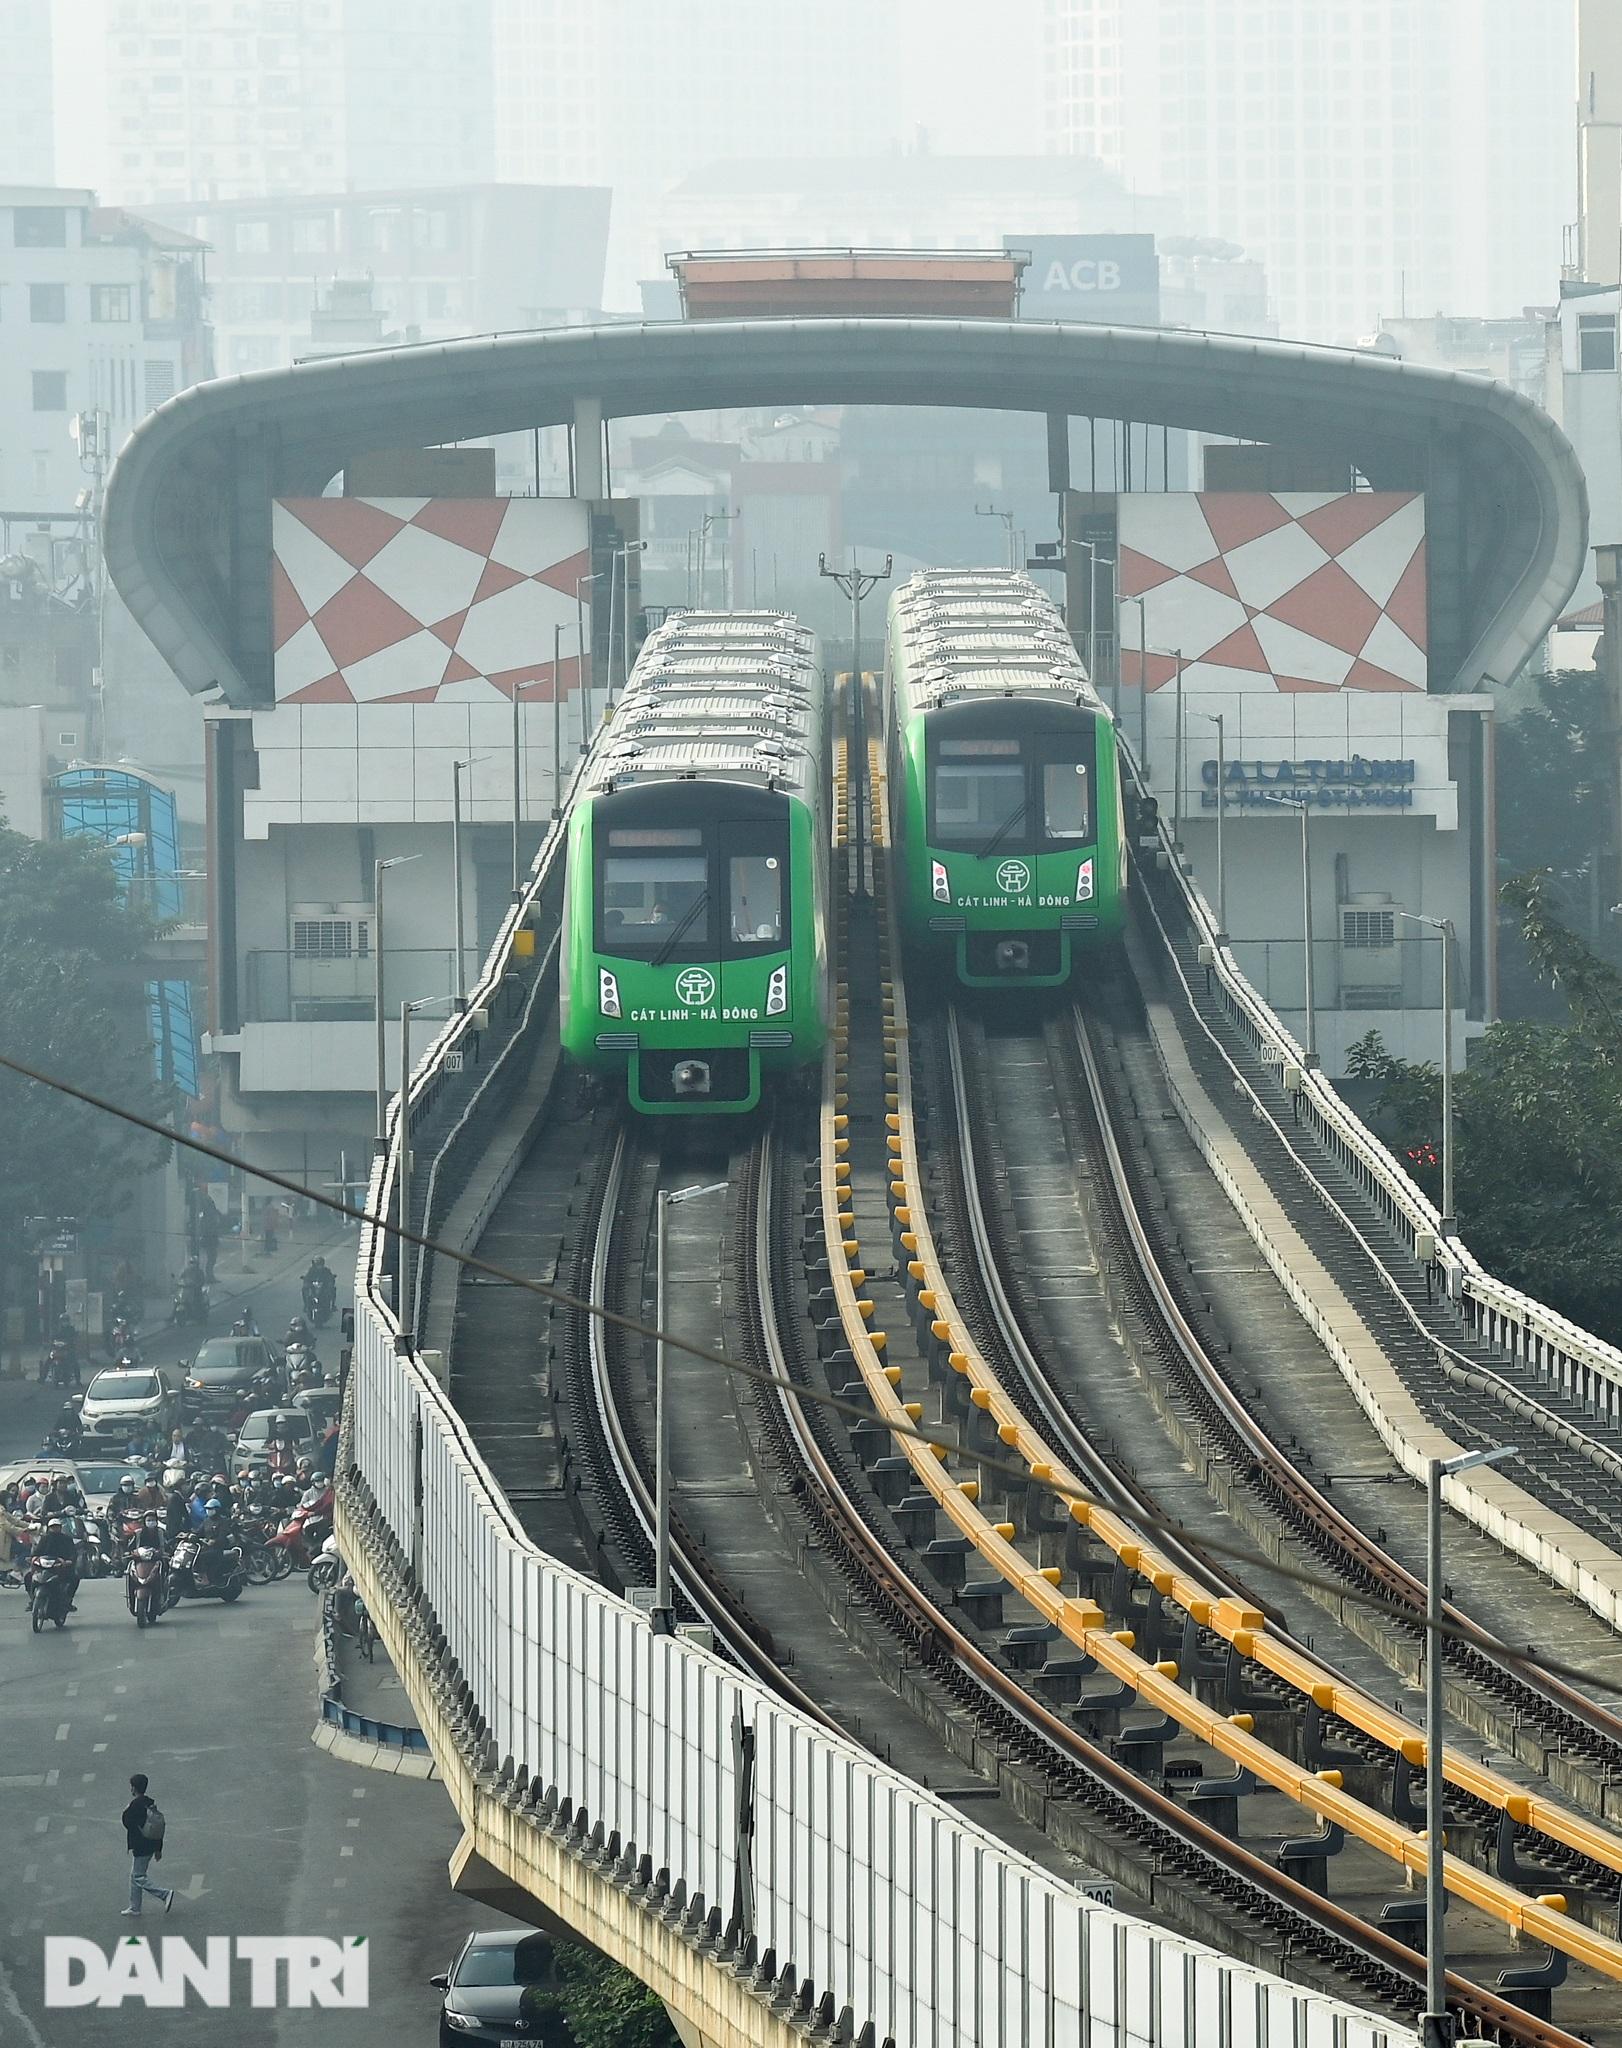 Toàn cảnh 9 đoàn tàu đường sắt Cát Linh - Hà Đông băng băng qua các nhà ga - 19